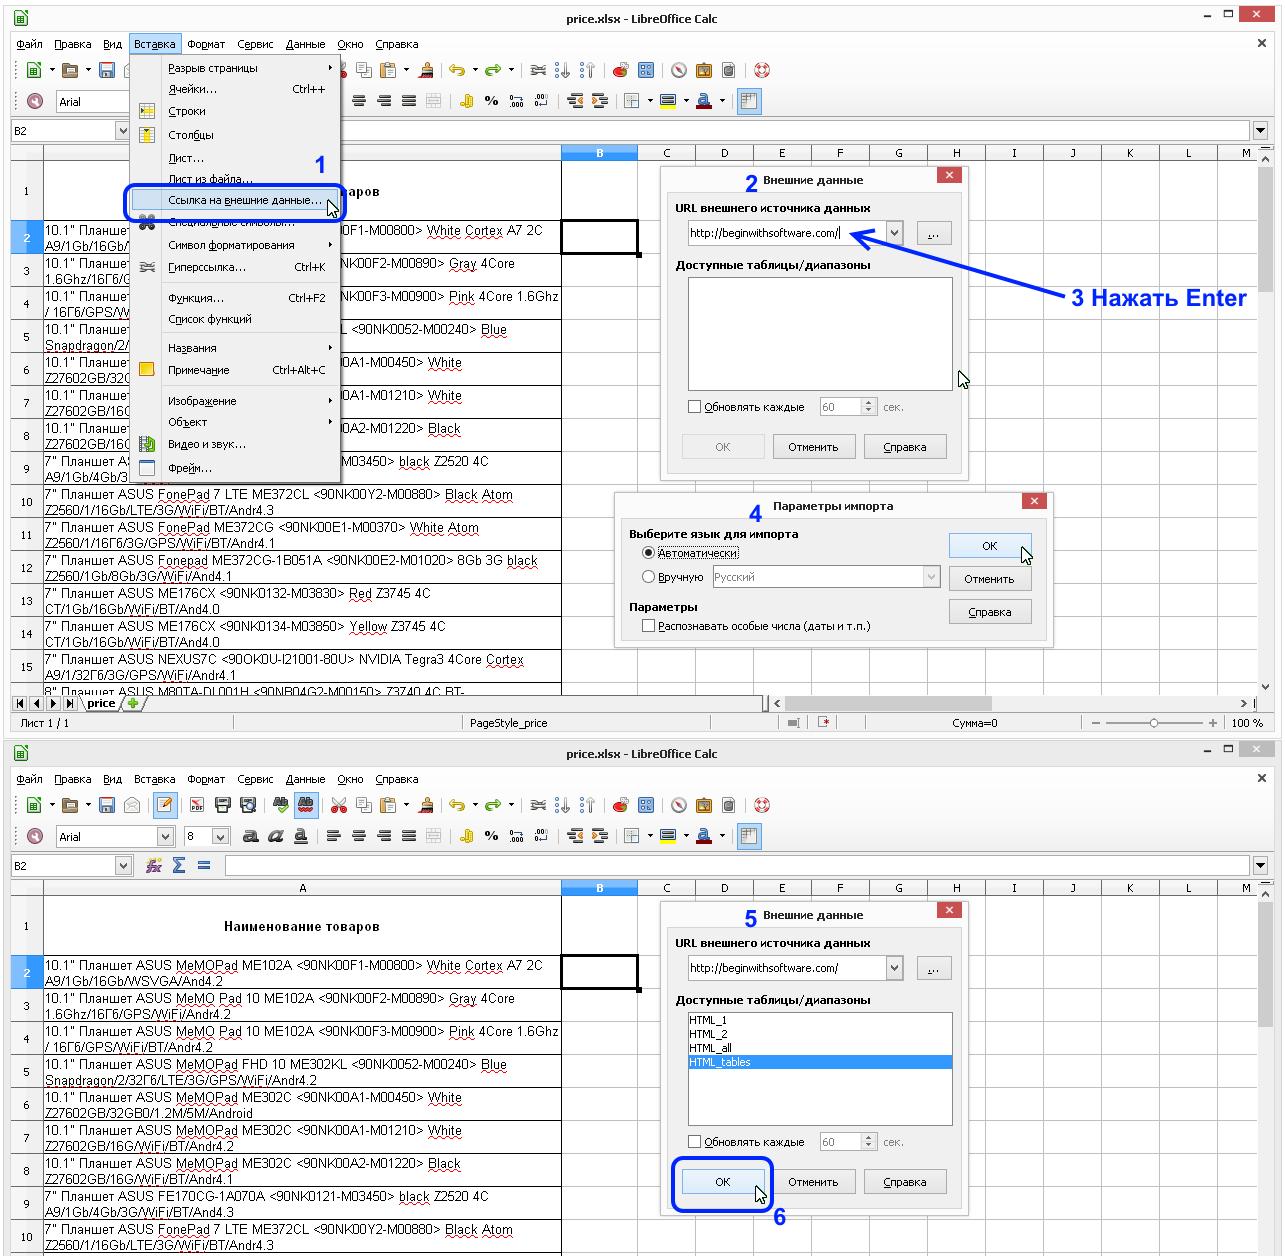 Calc: Вставка - Ссылка на внешние данные - Внешние данные - Параметры импорта